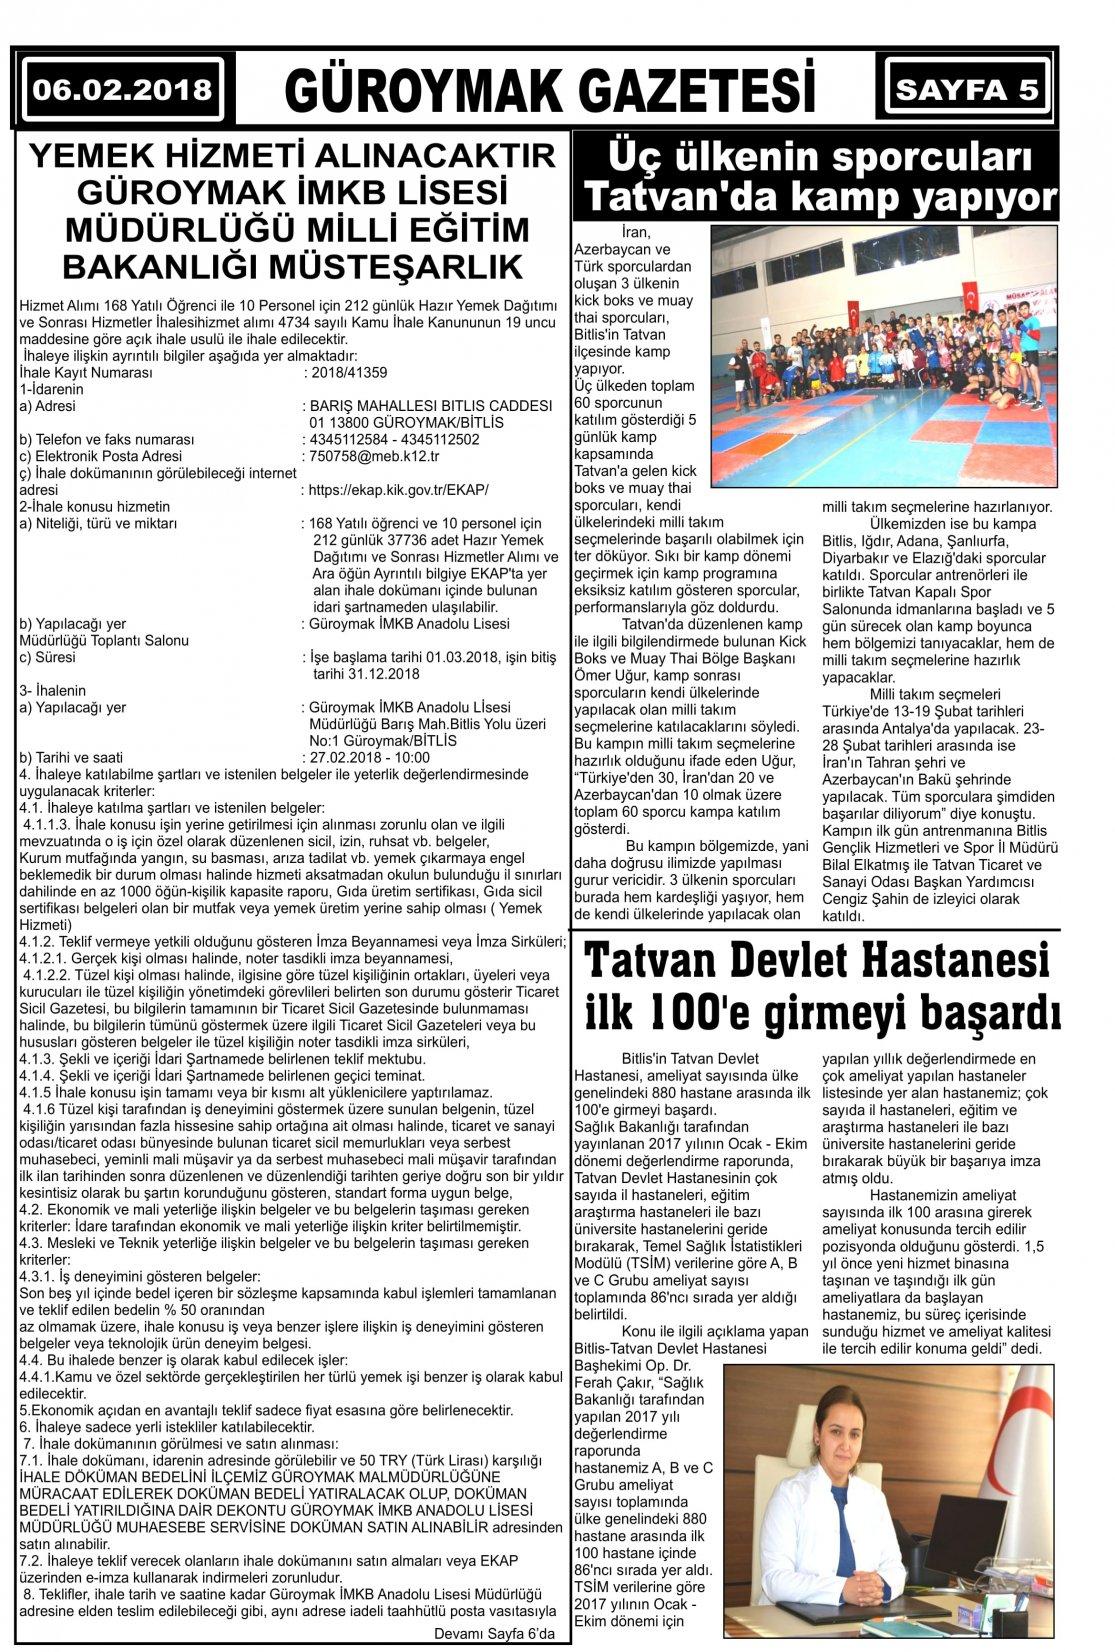 Güroymak Gazetesi 5.jpg Sayılı Gazete Küpürü